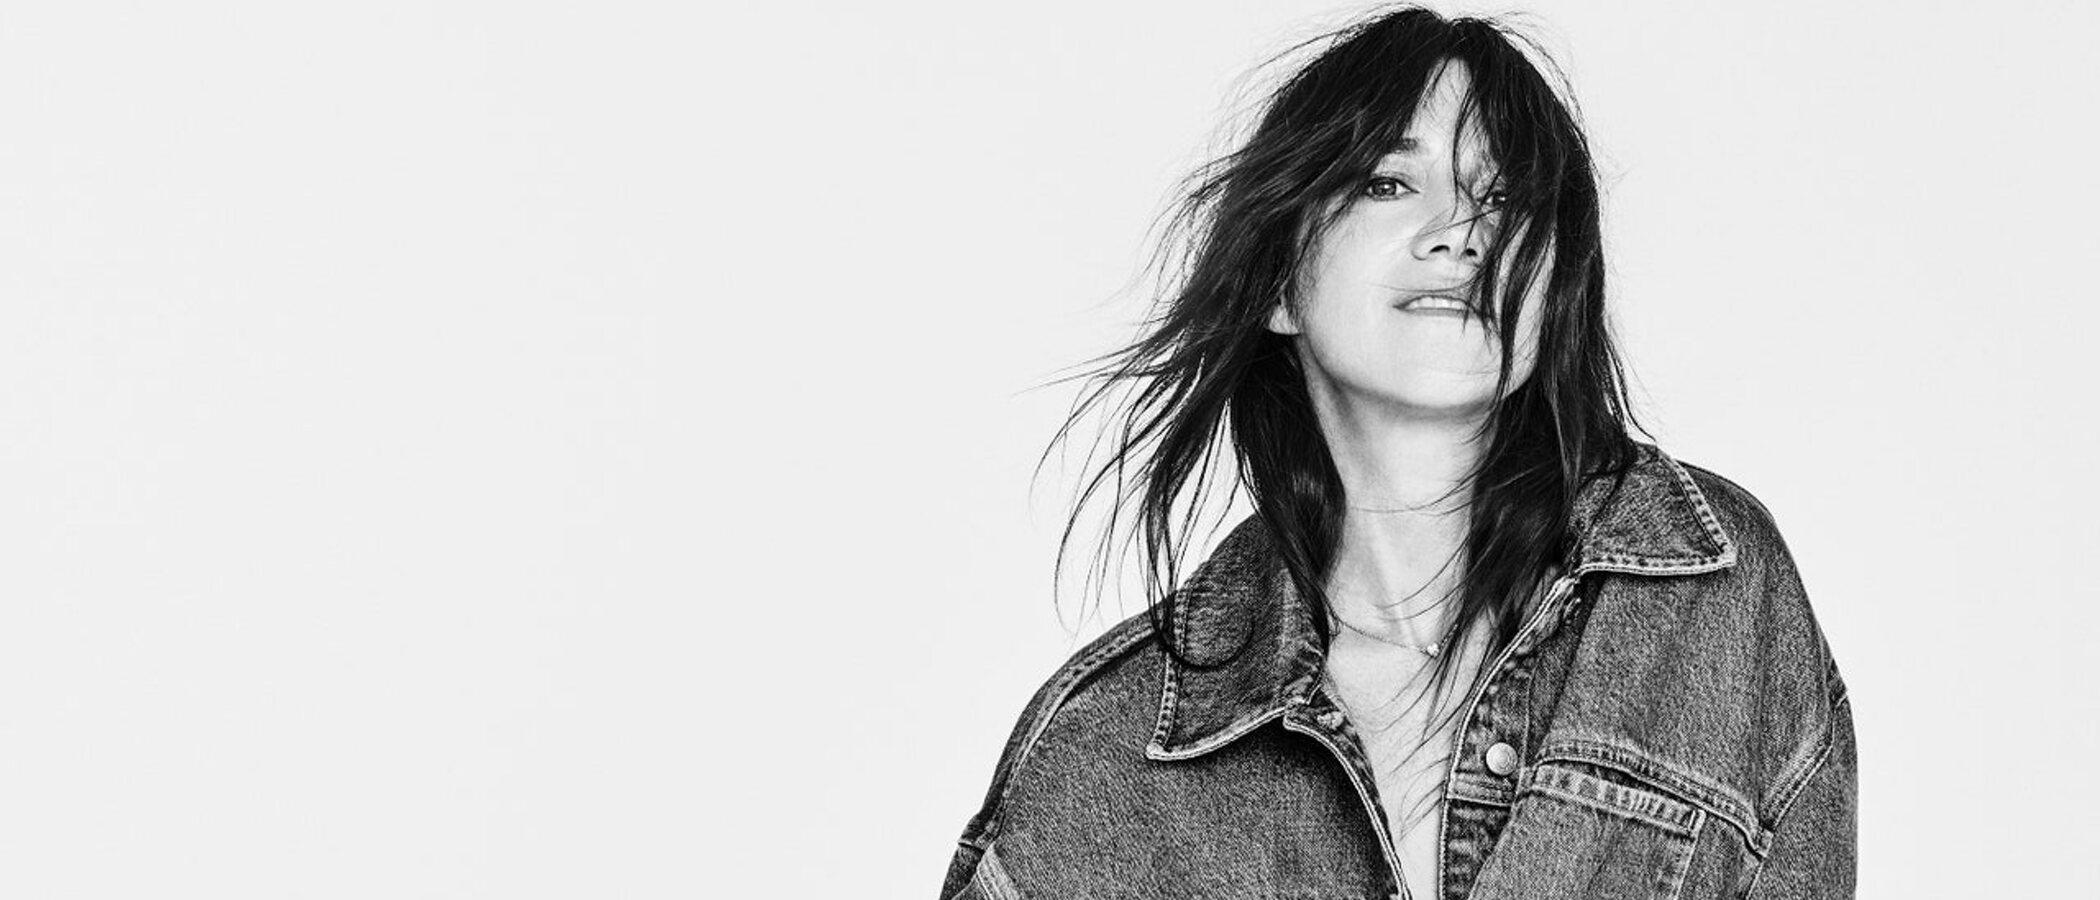 Los básicos de esta temporada los propone Charlotte Gainsbourg en su inesperada colaboración con Zara